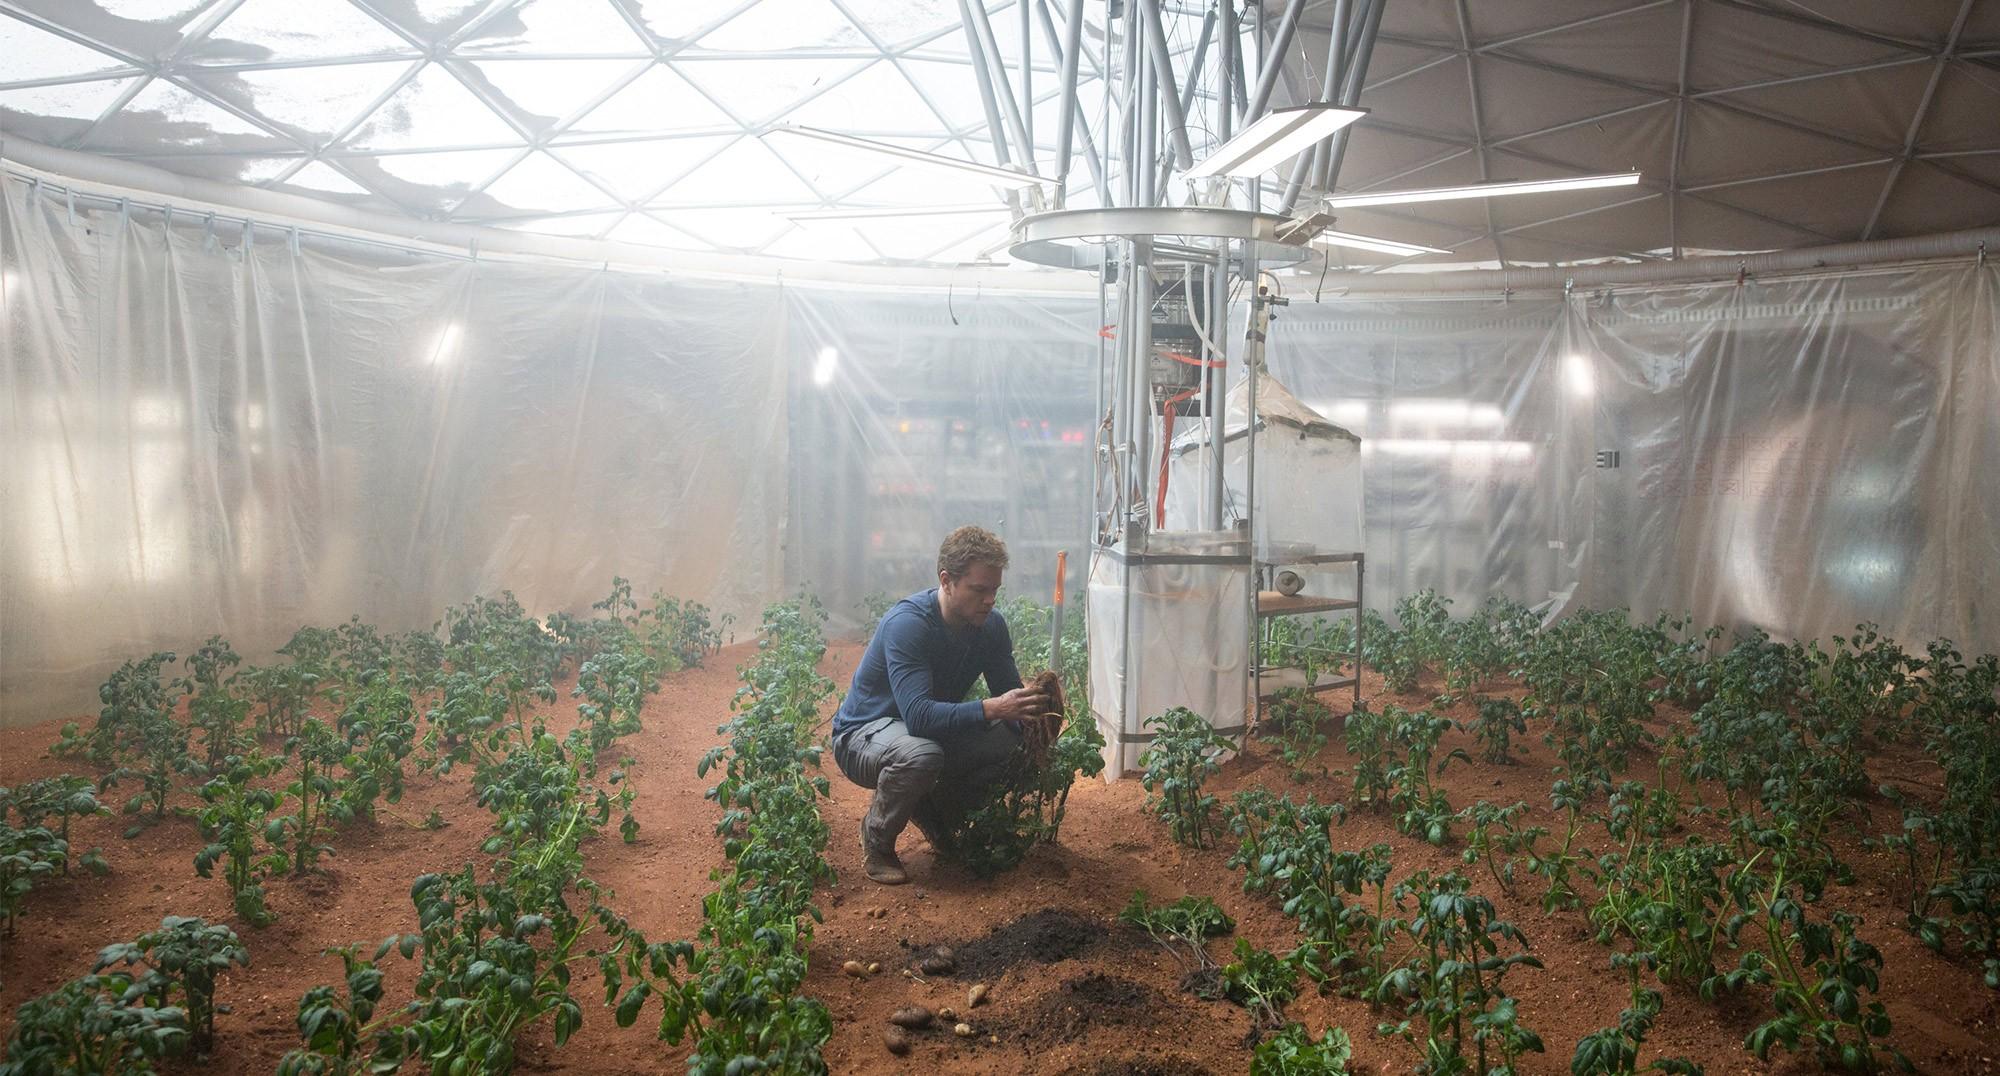 The Martian02